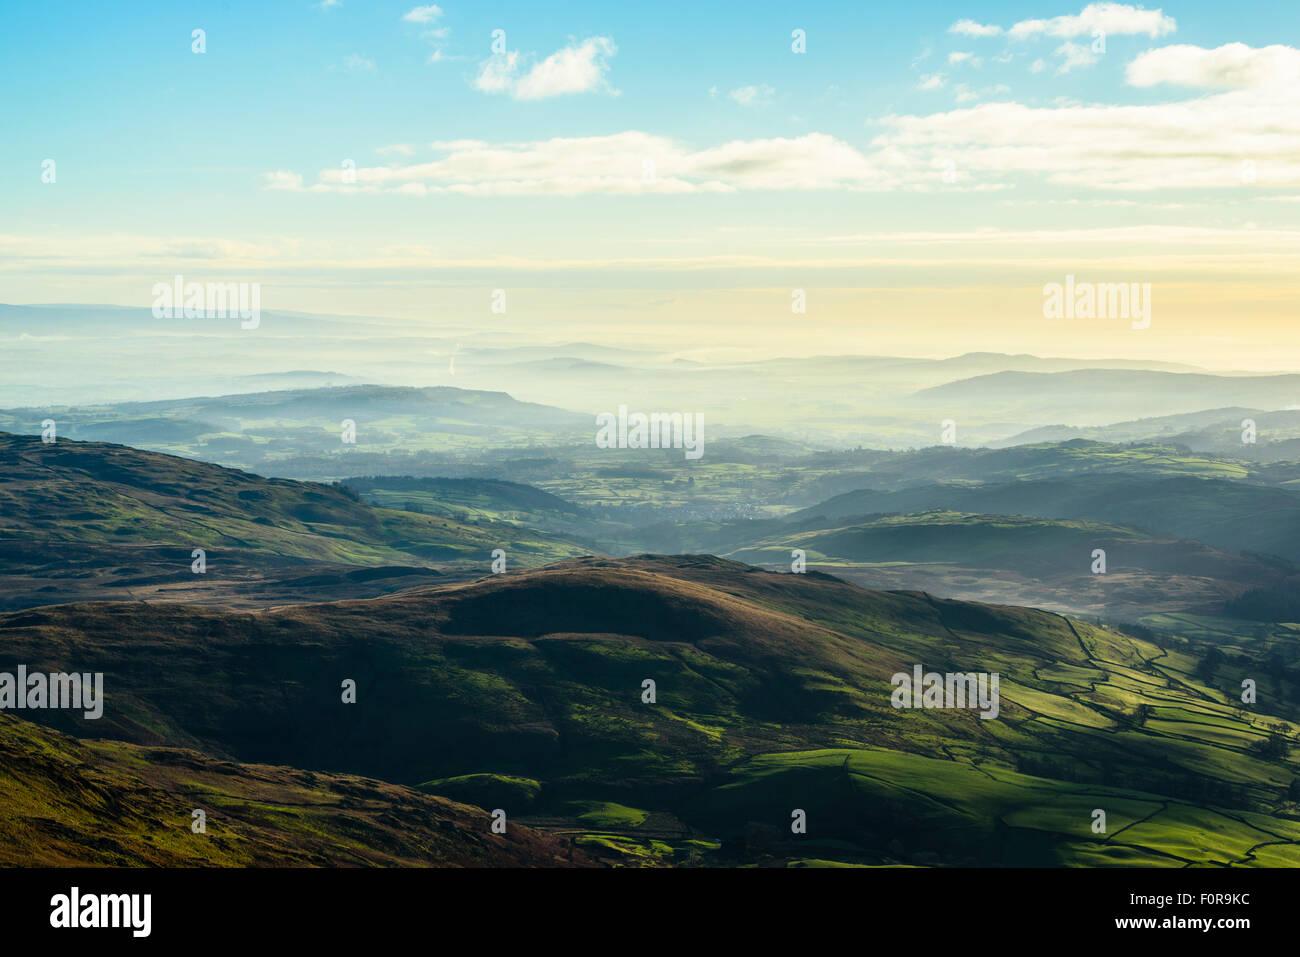 Inversion de température sur le sud du Lake District et Cumbria à partir de pentes de Kentmere Pike. Photo Stock